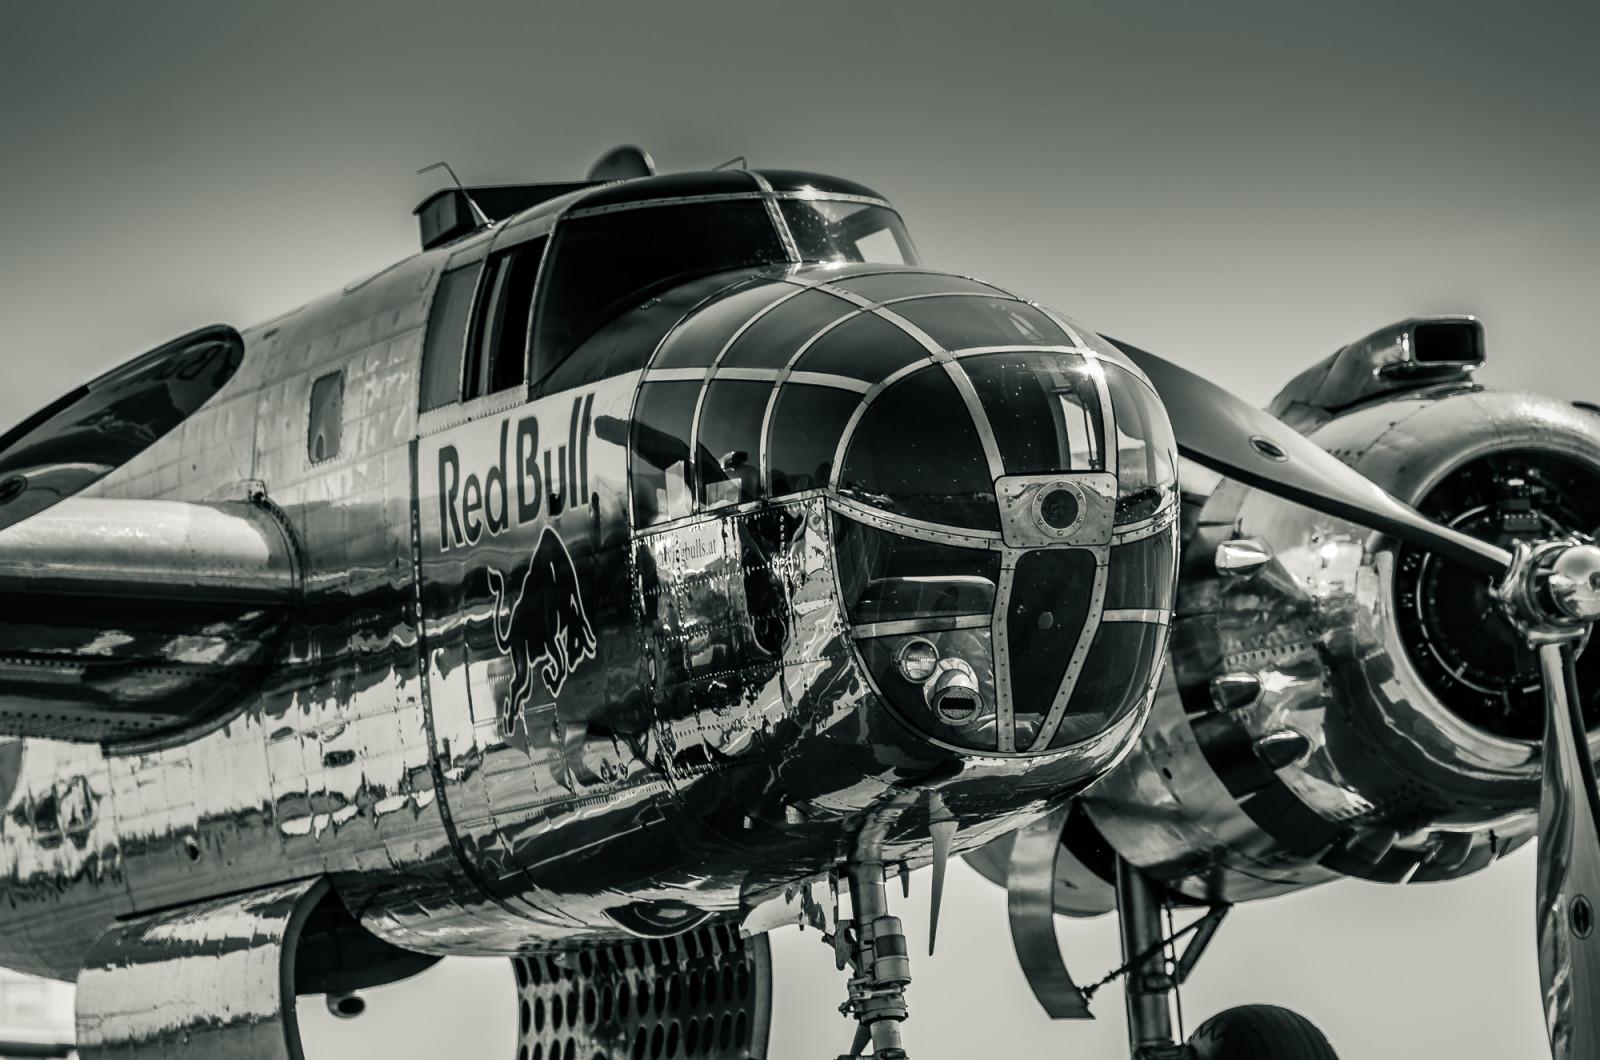 fond d 39 cran noir et blanc r flexion histoire avion noir blanc brillant aviation ww2 l. Black Bedroom Furniture Sets. Home Design Ideas